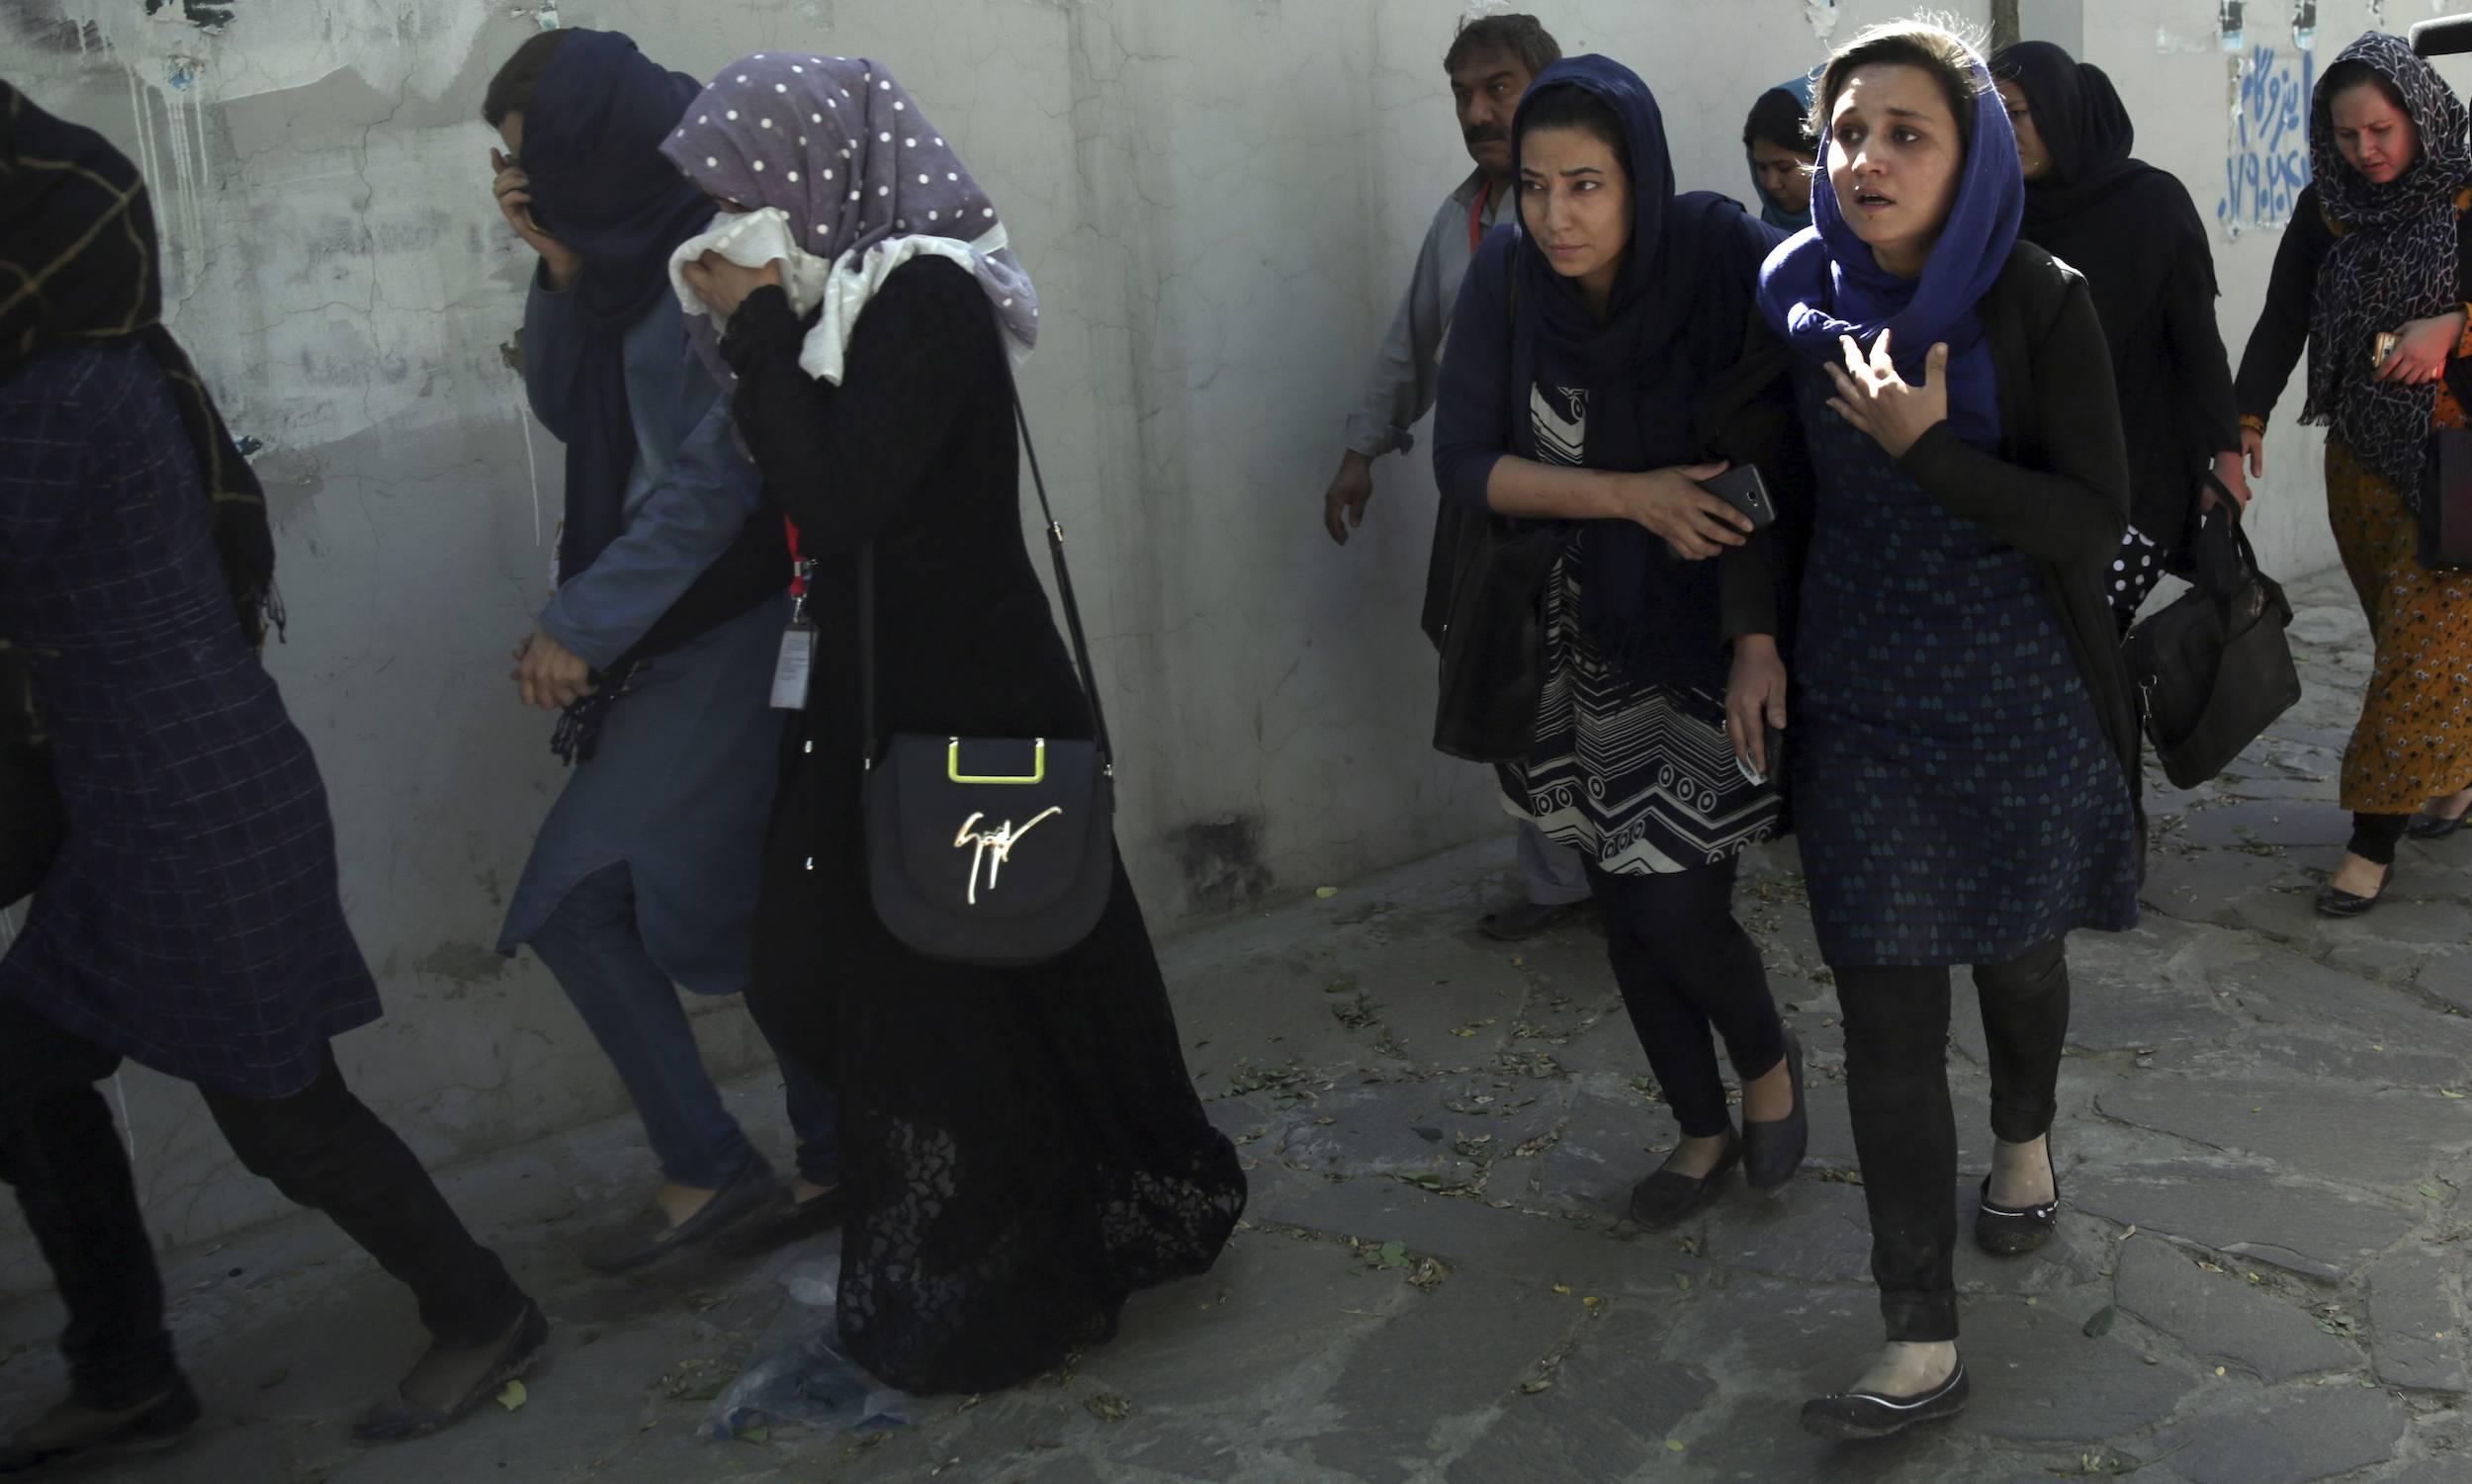 Personas huyen de la zona del ataque registrado la mañana del 31 de mayo de 2017 en Kabul, Afganistán. / Foto: AP